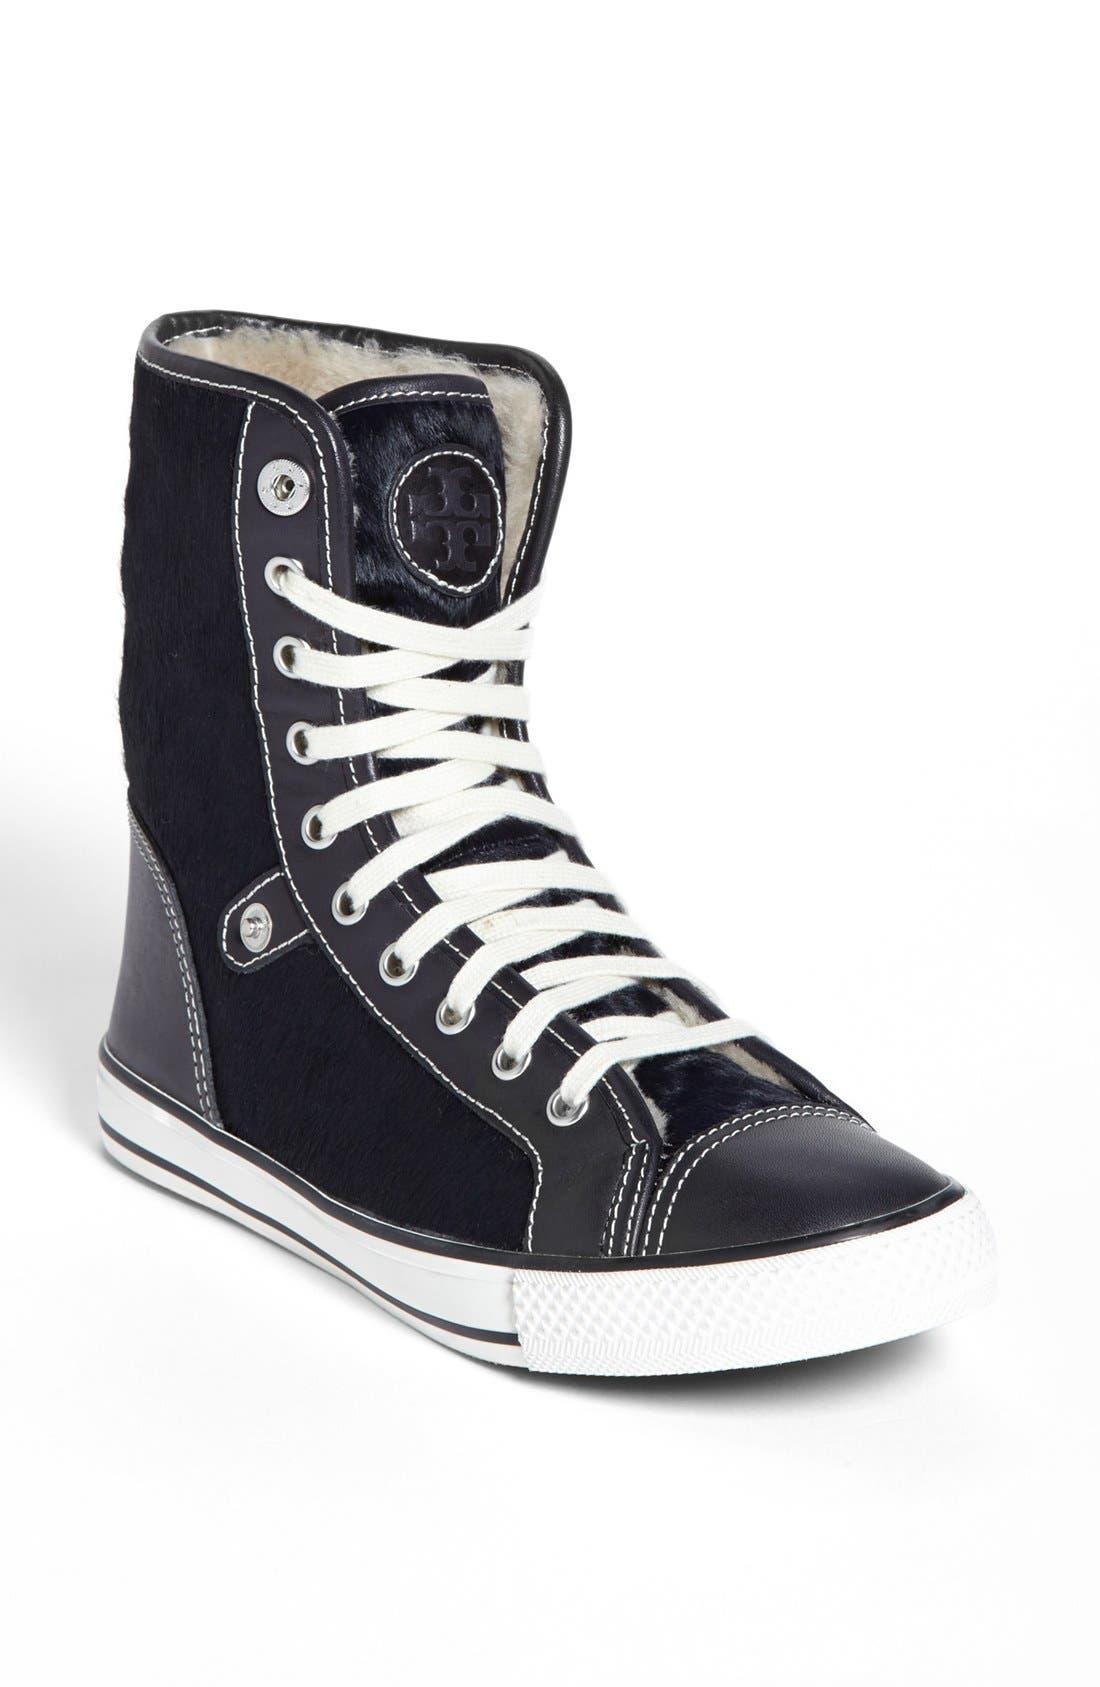 Alternate Image 1 Selected - Tory Burch 'Benjamin' High Top Sneaker